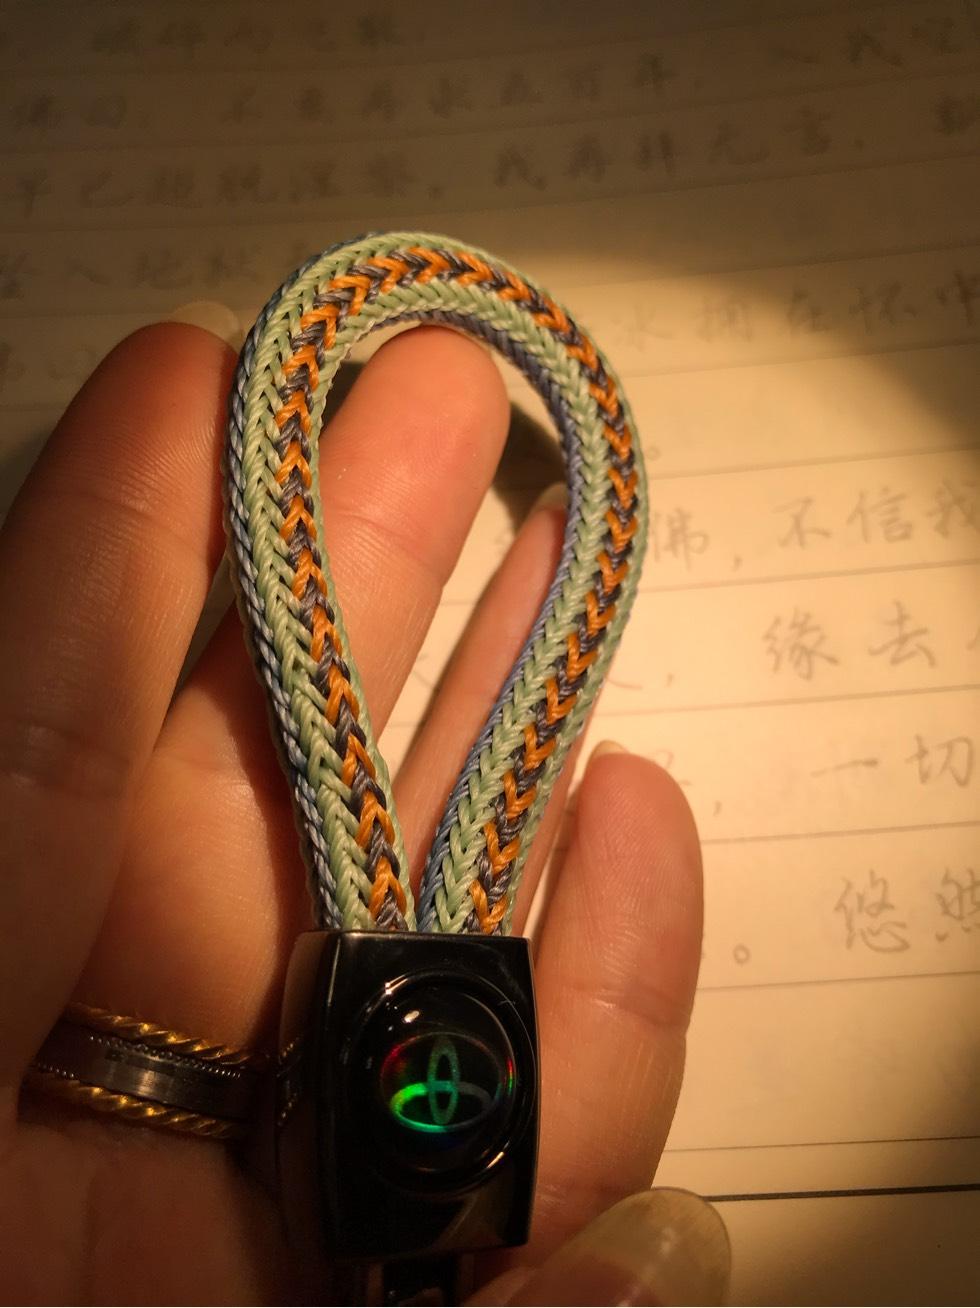 中国结论坛 蜡线钥匙扣 蜡线有什么用,手绳用蜡线还是玉线,蜡线哪种好,蜡线怎么脱蜡,蜡线包石头编织教程 作品展示 222630f3wa8yrz68wb2bwm